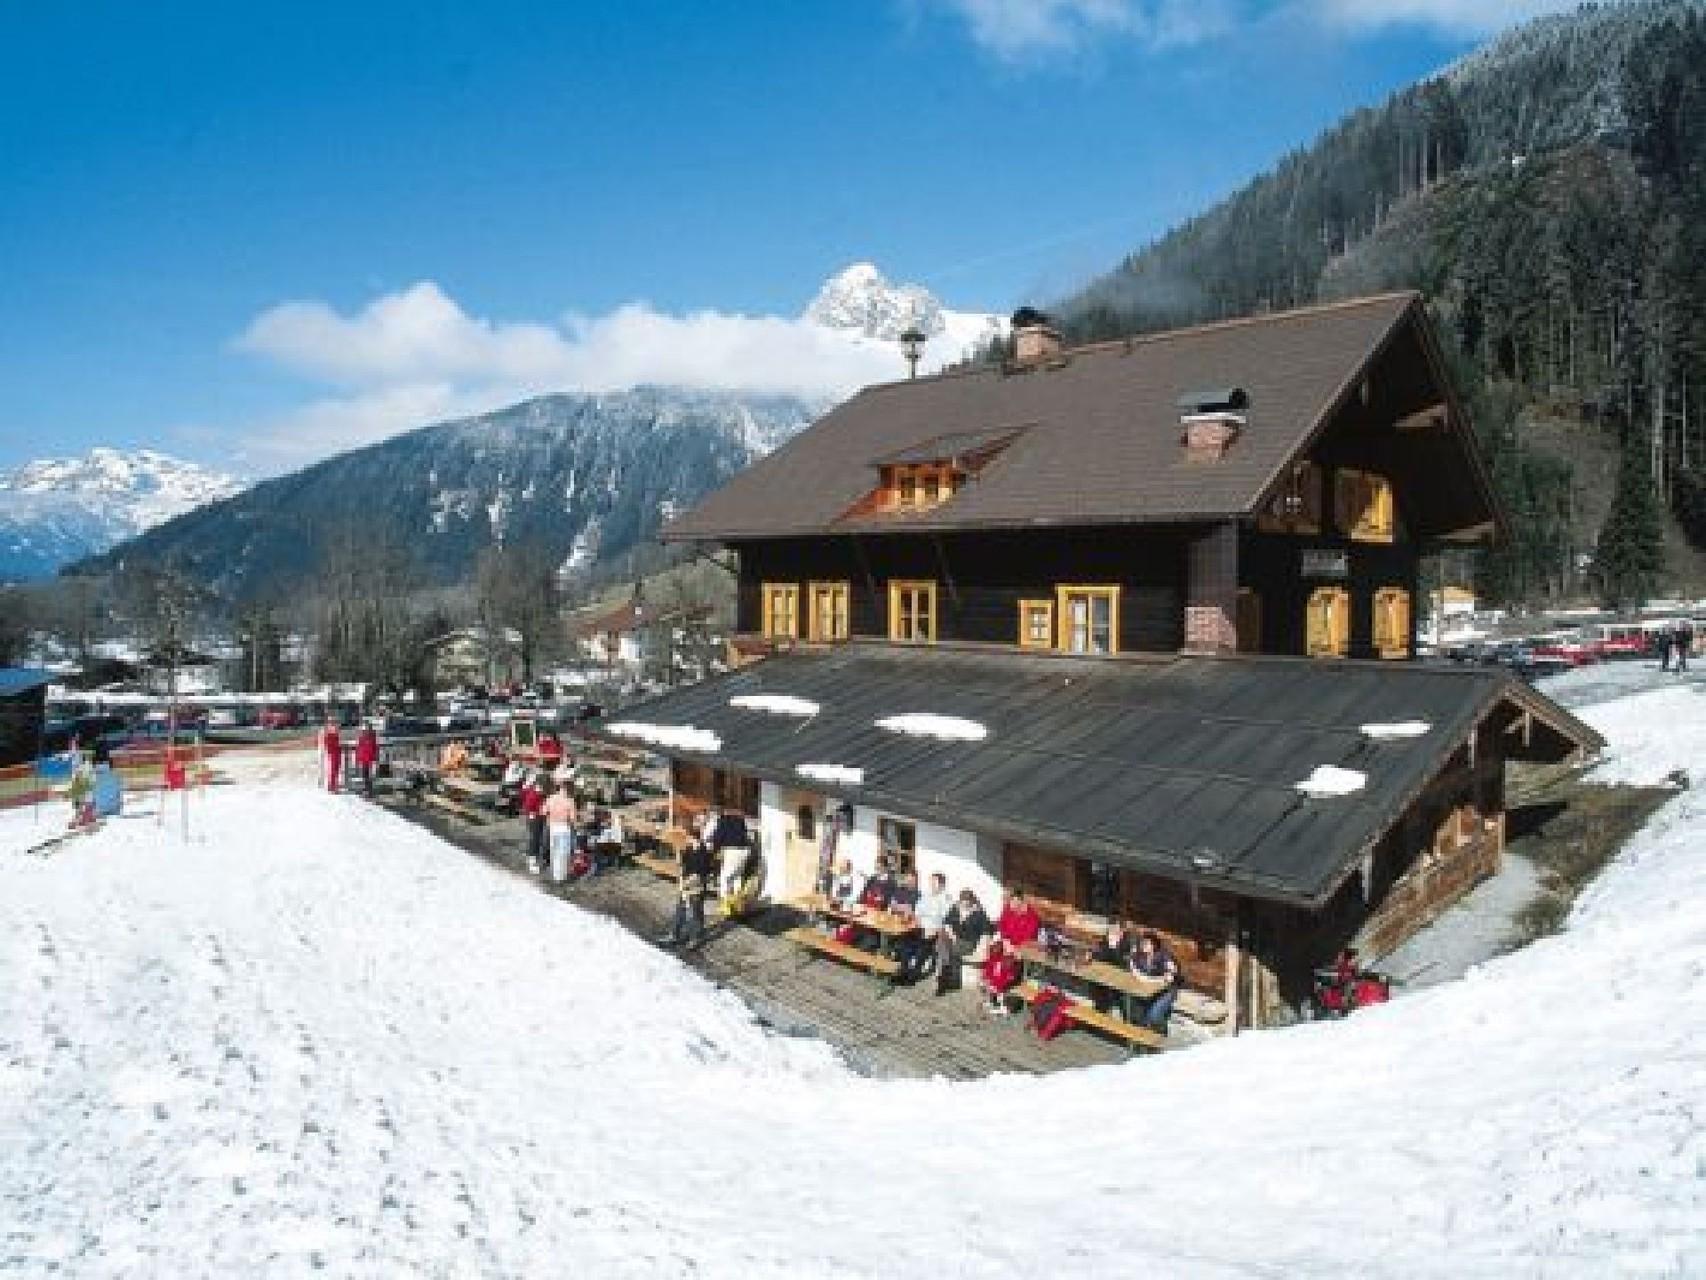 Bild: Unsere Skihütten laden zum Apres- Ski ein